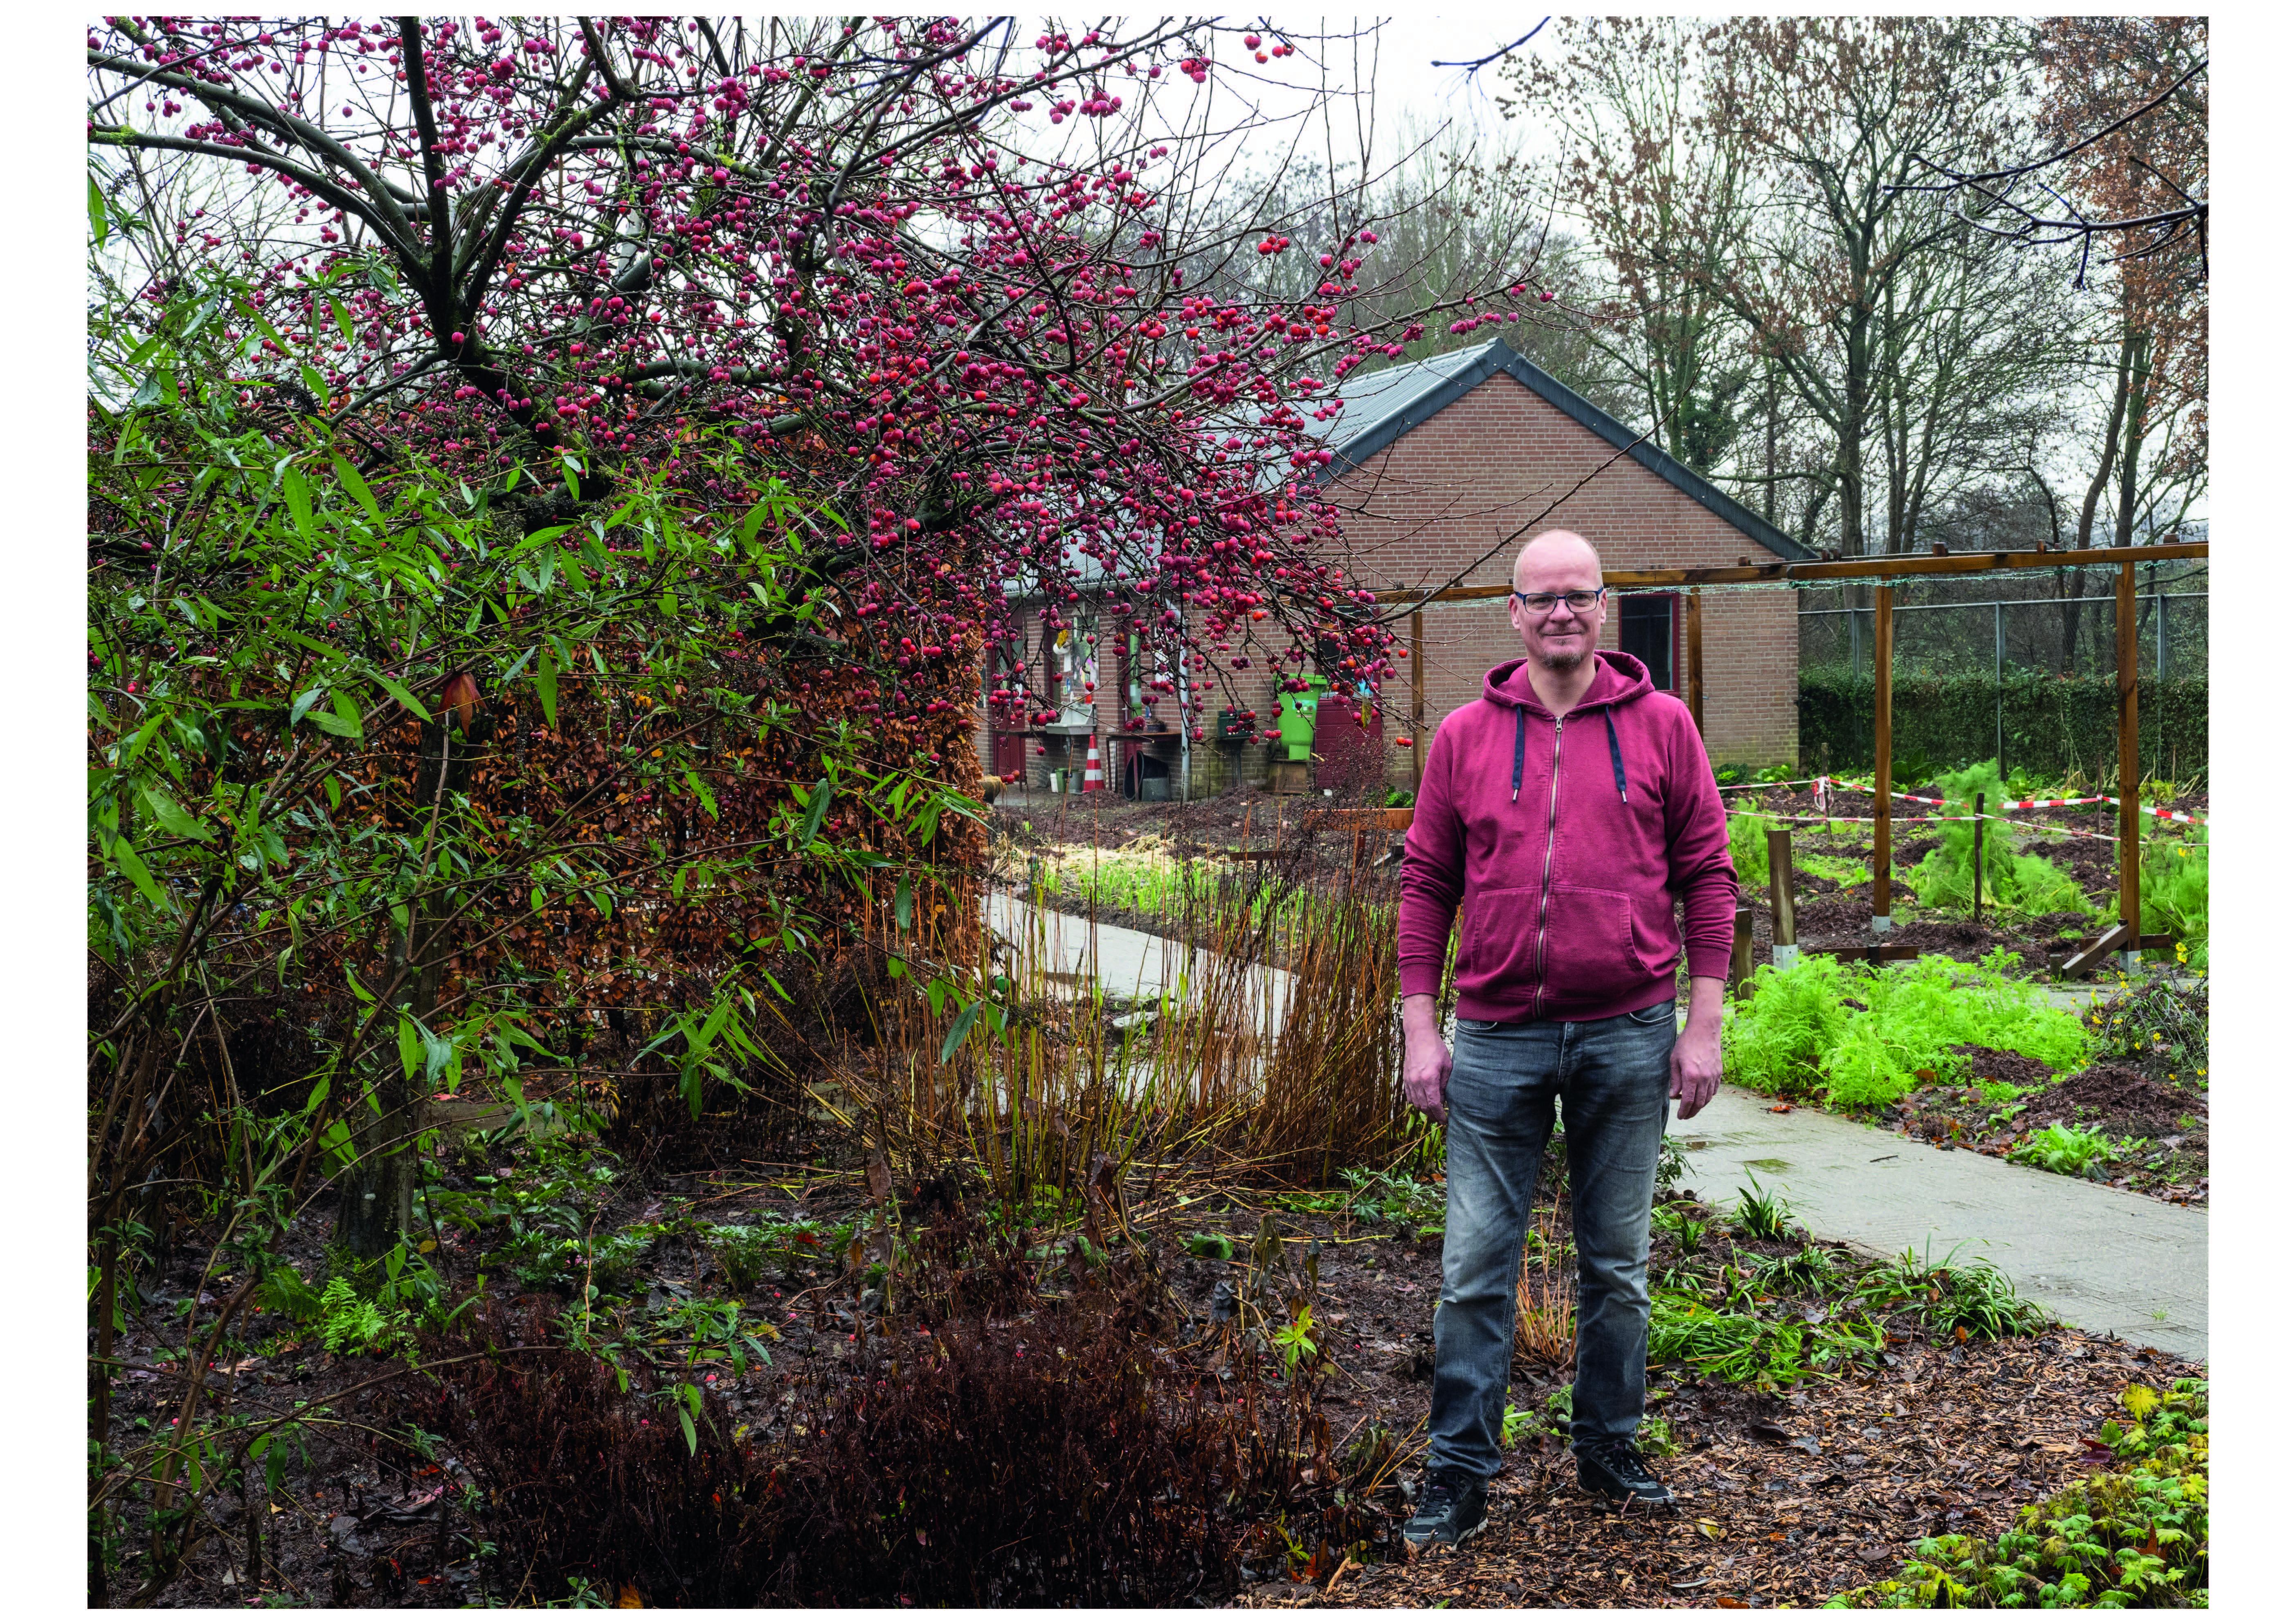 Andre Bollen - Vrijwilliger - Vrijwilligerswerk - Verdeliet - Glossy Sociom - Land van Cuijk